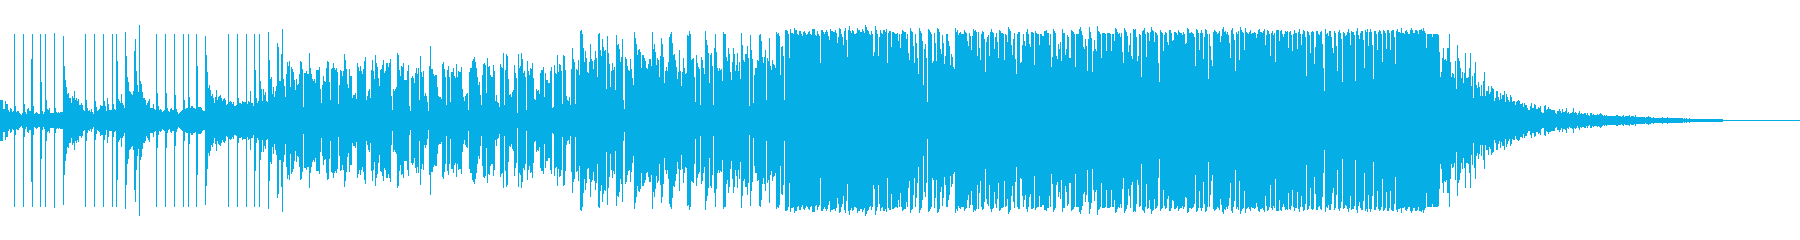 オープニングに適した約1分間作品の再生済みの波形